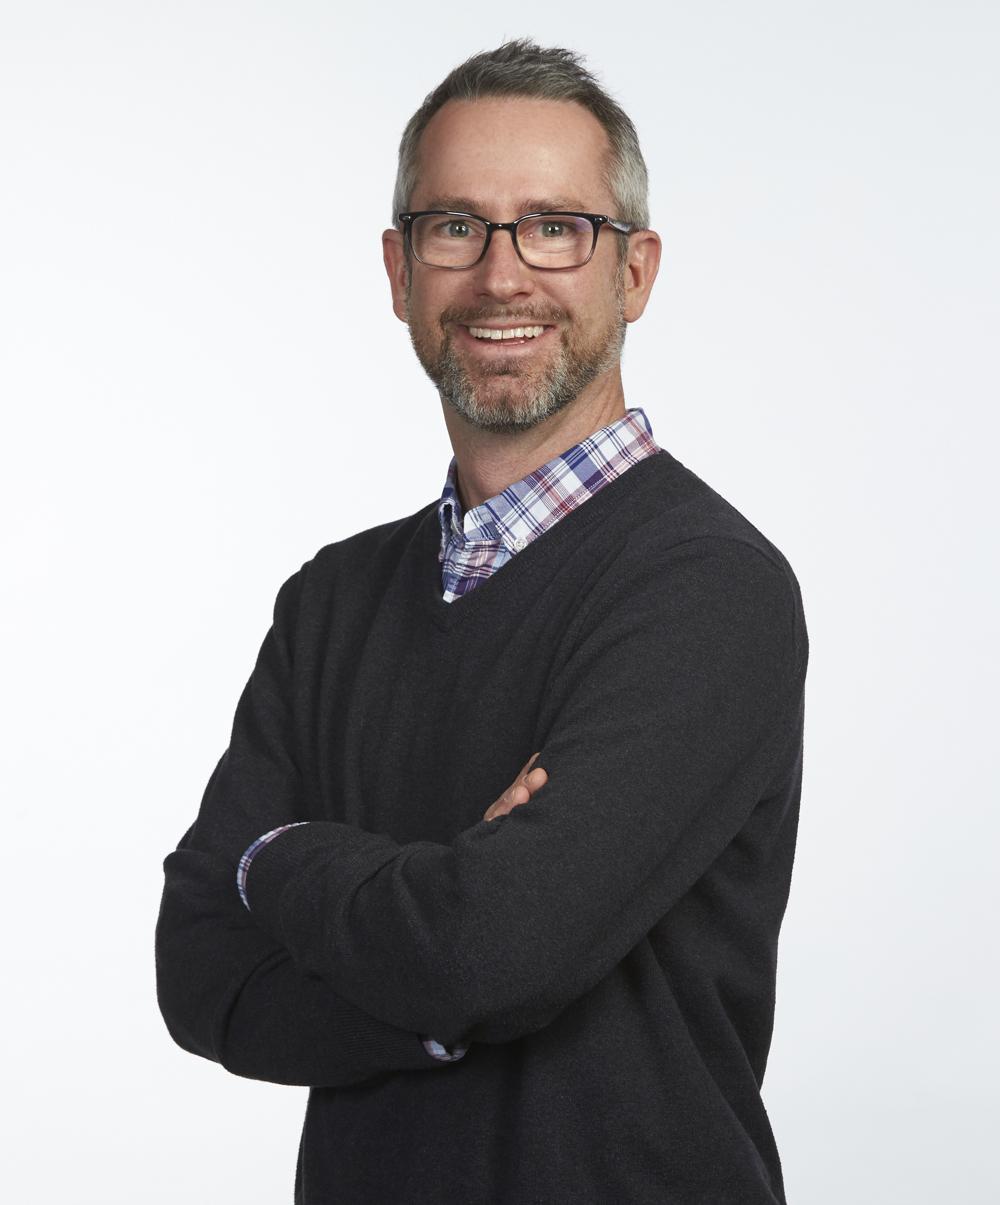 Kyle Archer